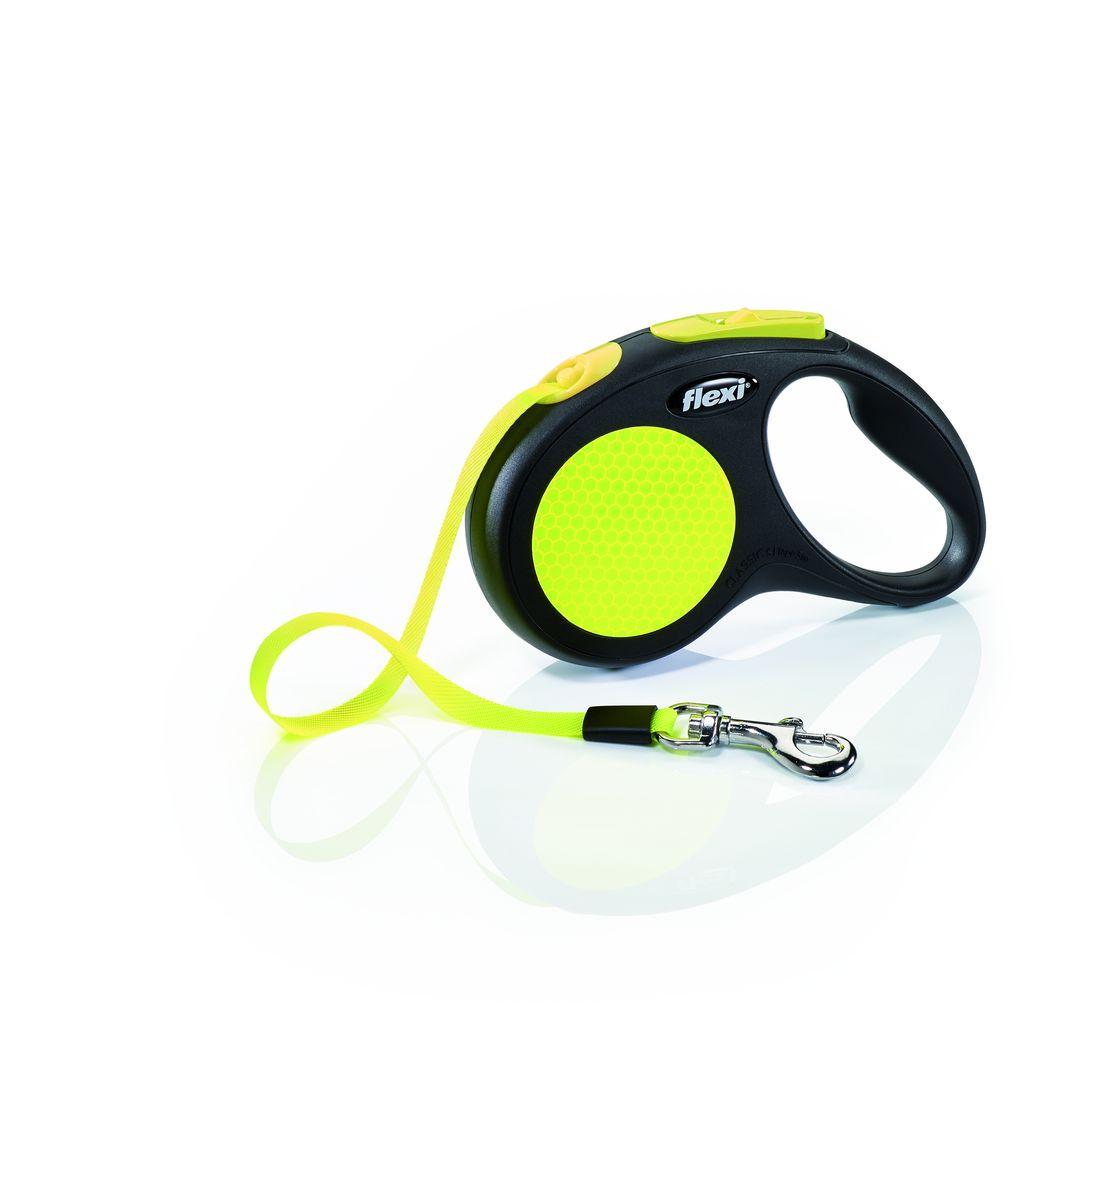 Поводок-рулетка Flexi Neon New Classic S, лента, для собак весом до 15 кг, 5 м23518Компактная рулетка карманного формата для собак мелких и средних пород весом до 15 кг.Рулетка очень проста в использовании.Лента поводка автоматически сматывается и поводок в процессе использования не провисает, не касается грунта и таким образом не пачкается и не перетирается. Поводок не нужно подбирать руками когда питомец подошел ближе, таким образом Ваши руки всегда чистые. Корпус выполнен в двух материалах: полированном и матовом, двуцветный ремень с благородной кожаной отделкой является отличным дополнением. Хромированная застежка прослужит вам долгие годы. Длина ременного поводка 5 м.